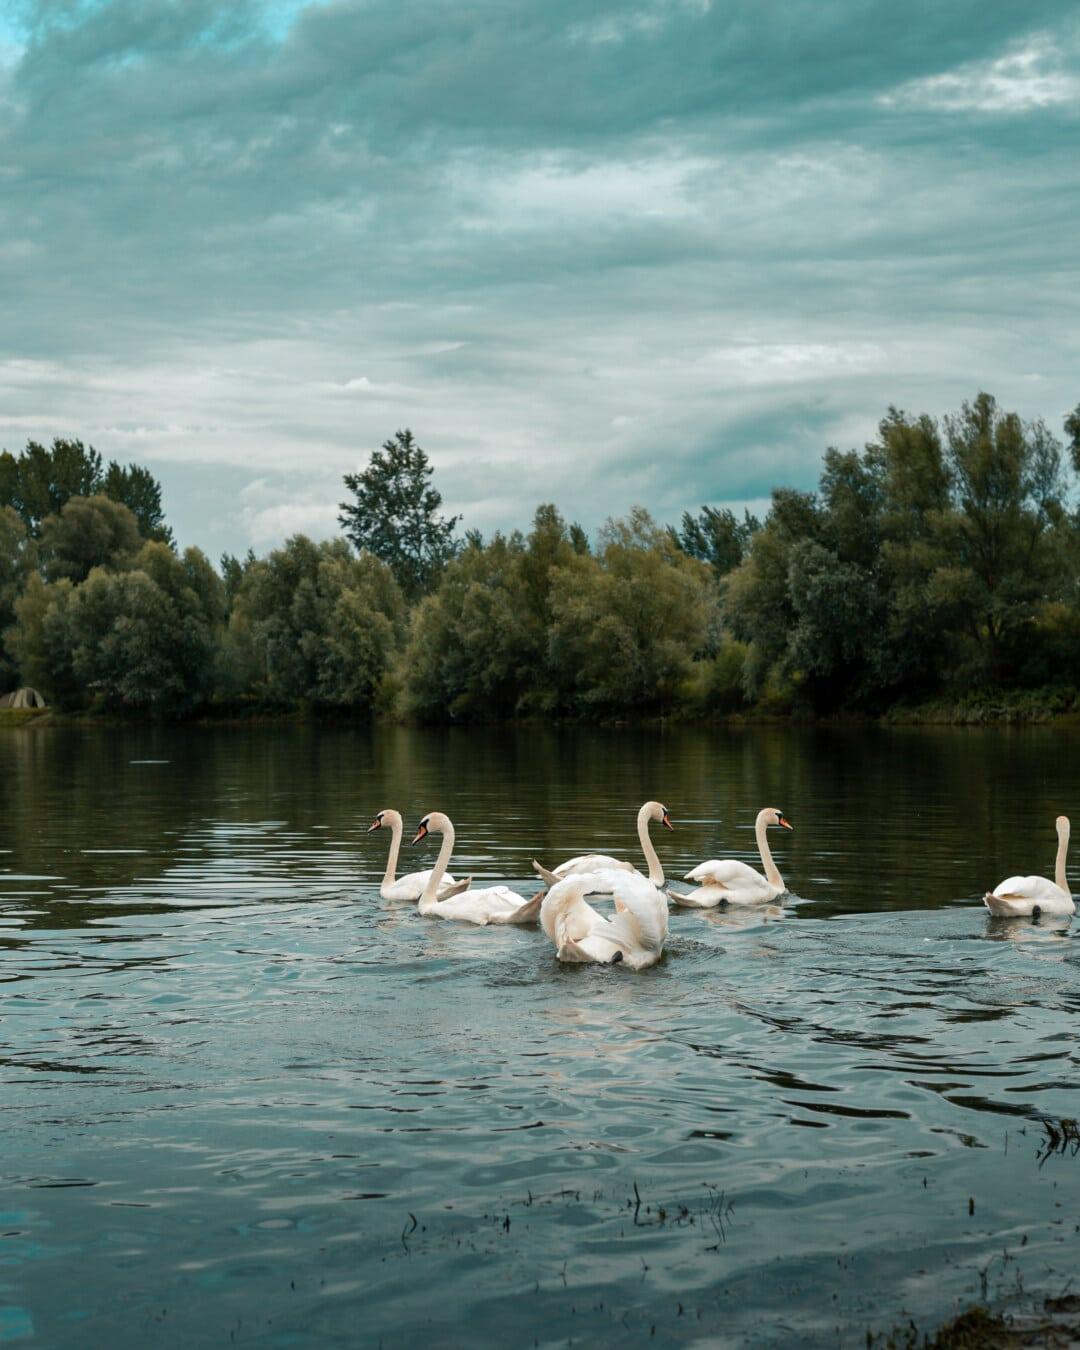 Wildnis, bewölkt, Schwan, Herde, Vögel, Ufer, Wasser, am See, See, Vogel